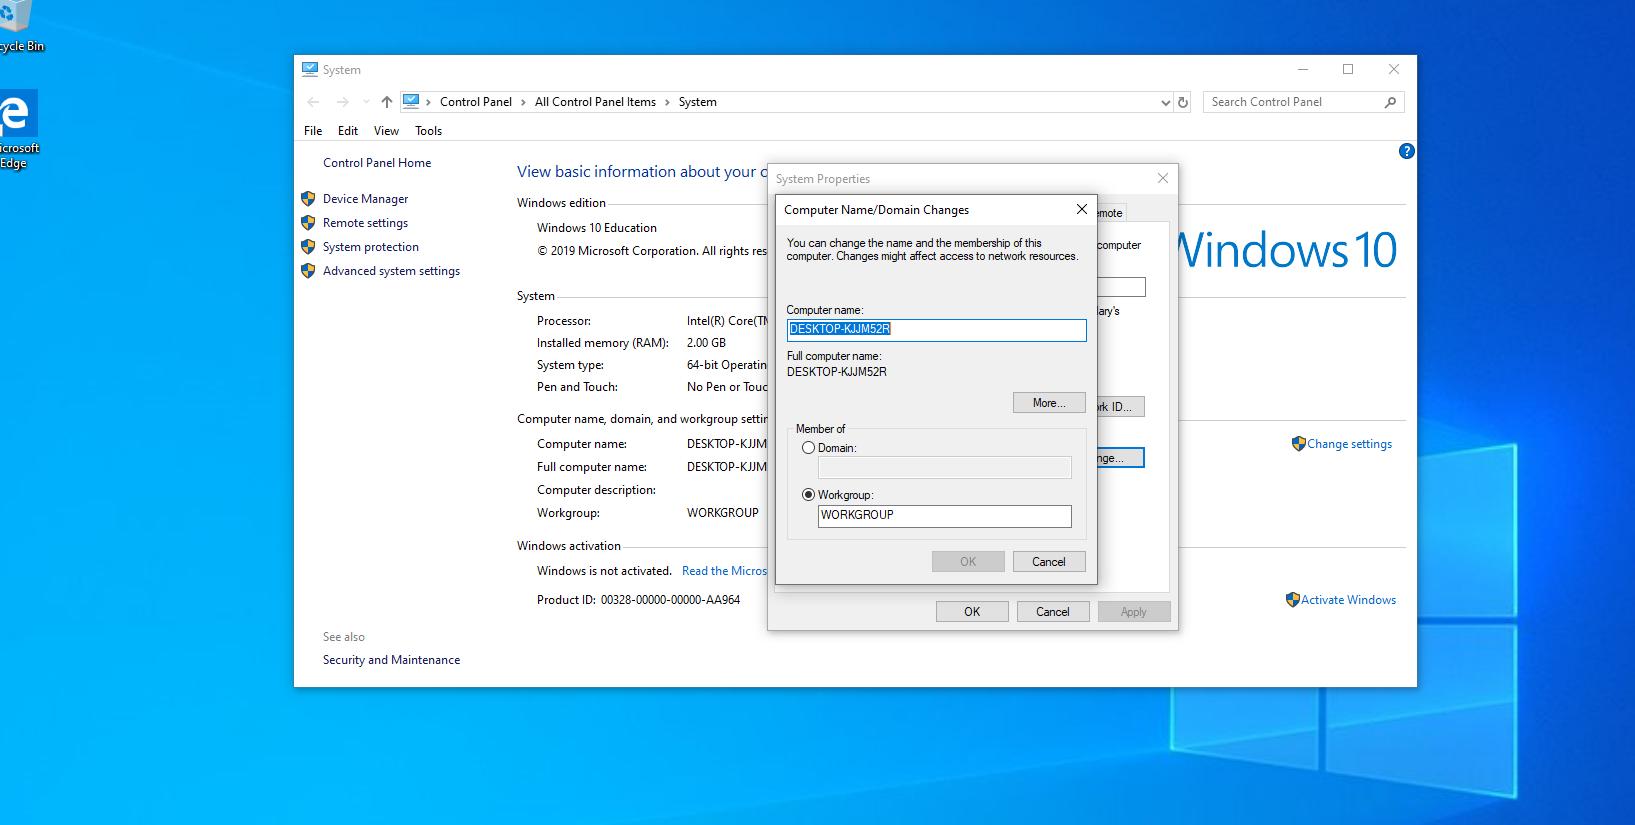 قابلیت های شبکه در ویندوز 10